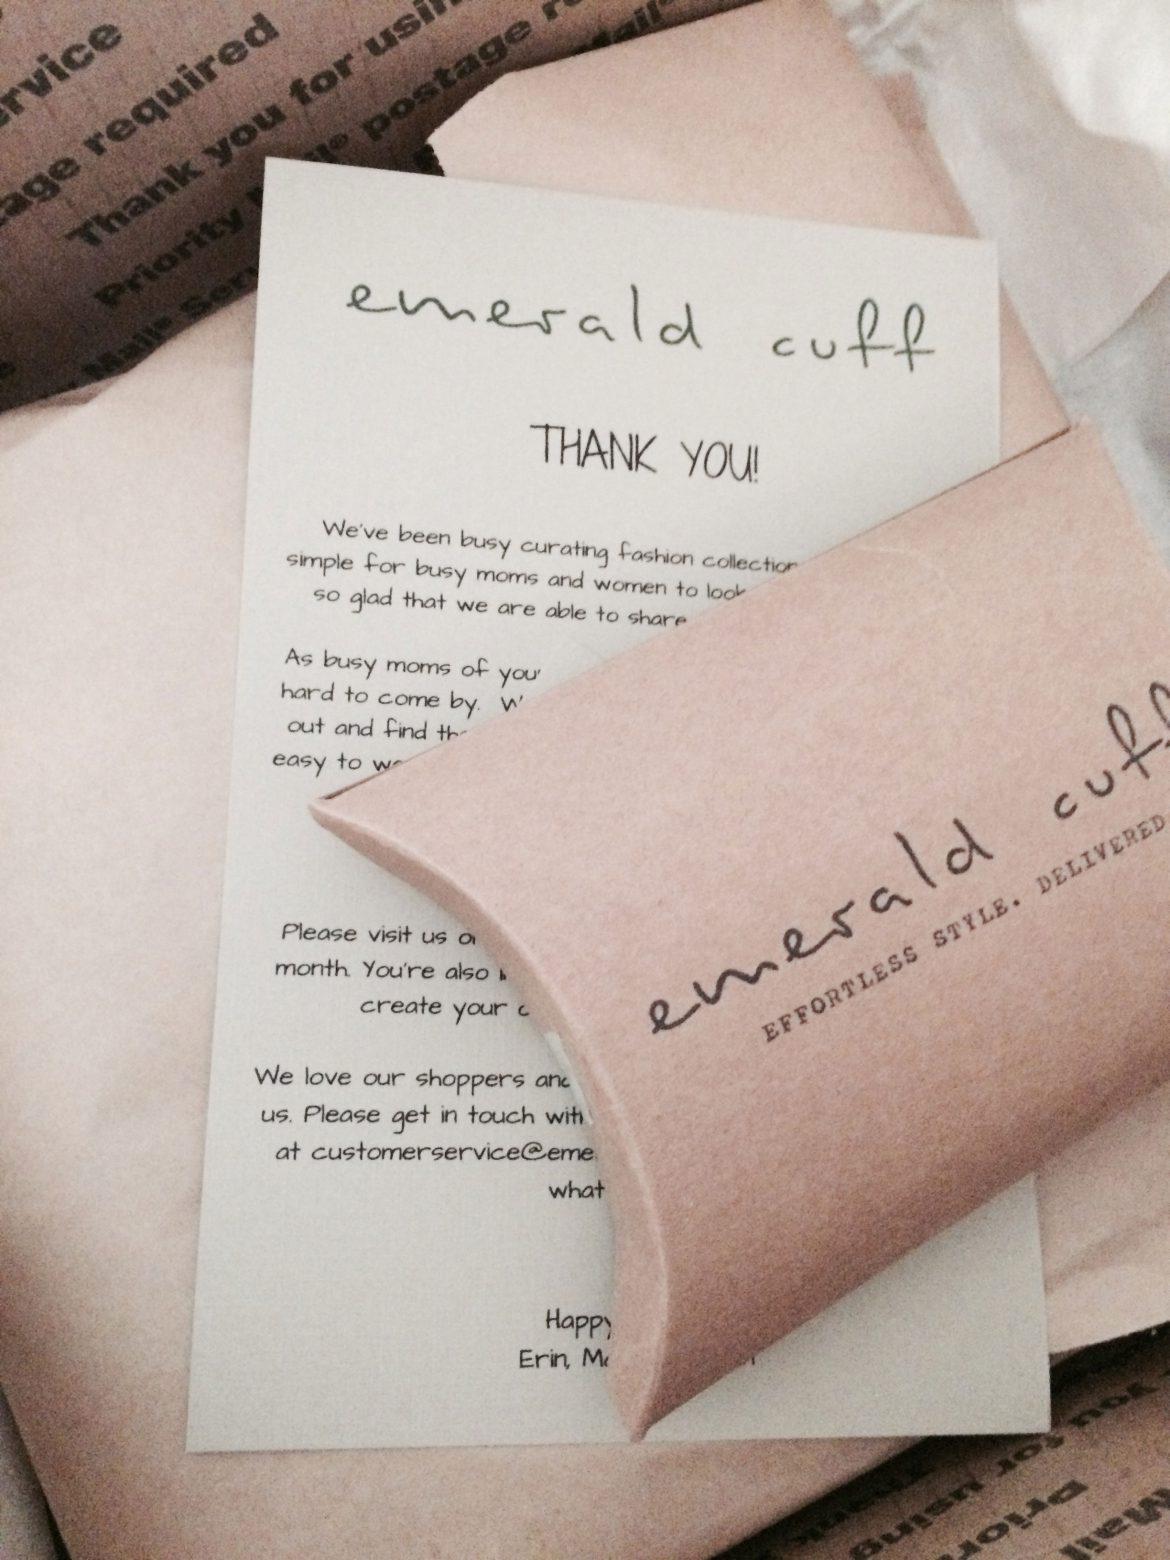 Emerald Cuff Package